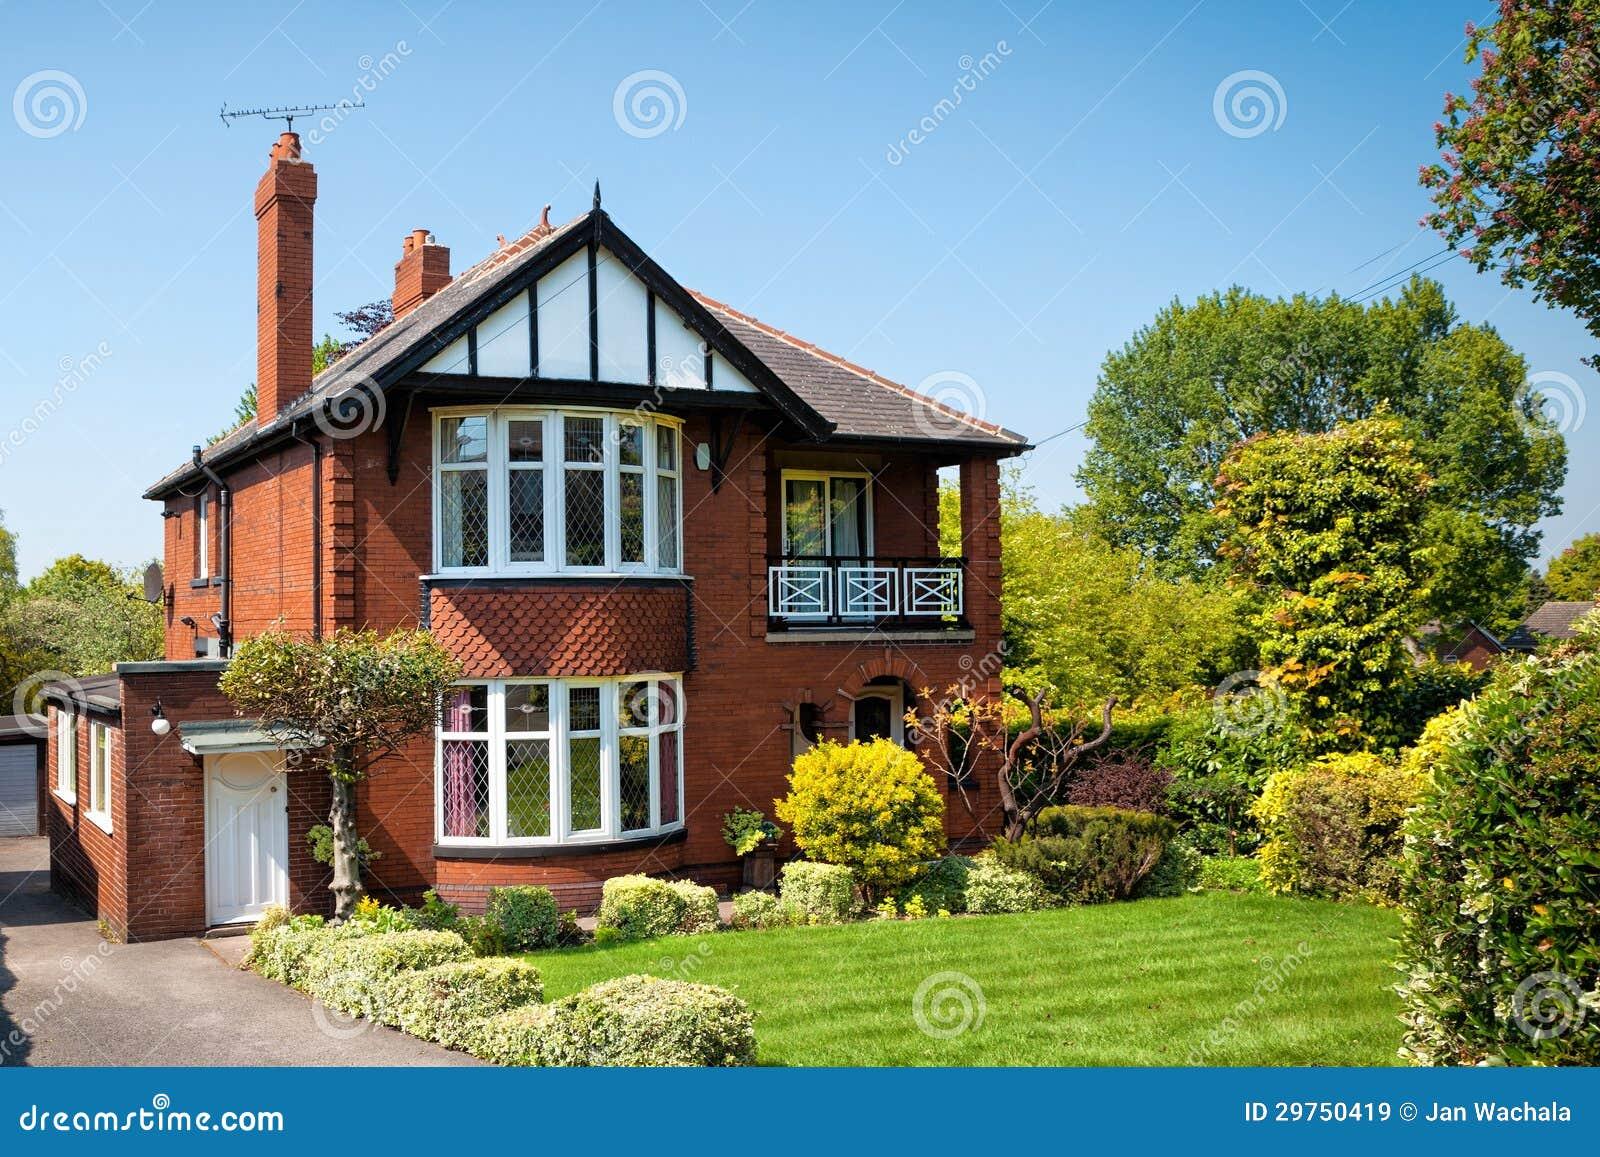 Maison anglaise typique avec un jardin image stock image for Maison anglaise typique plan